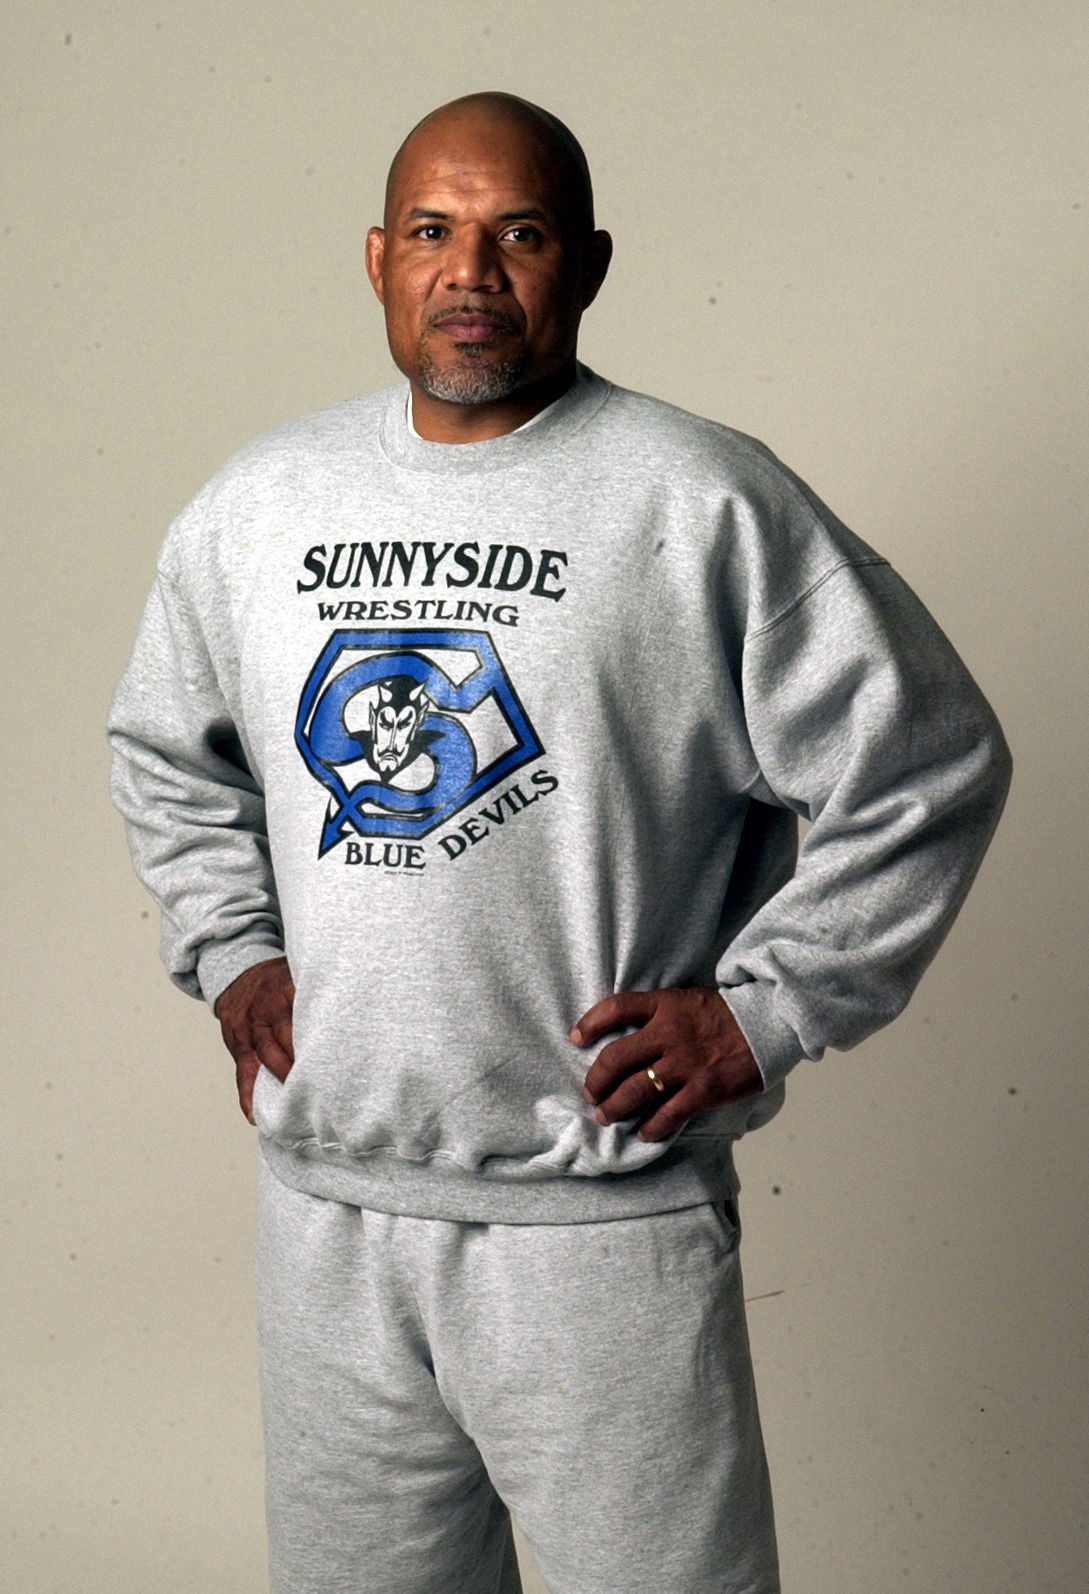 1. Bobby DeBerry, Sunnyside wrestling